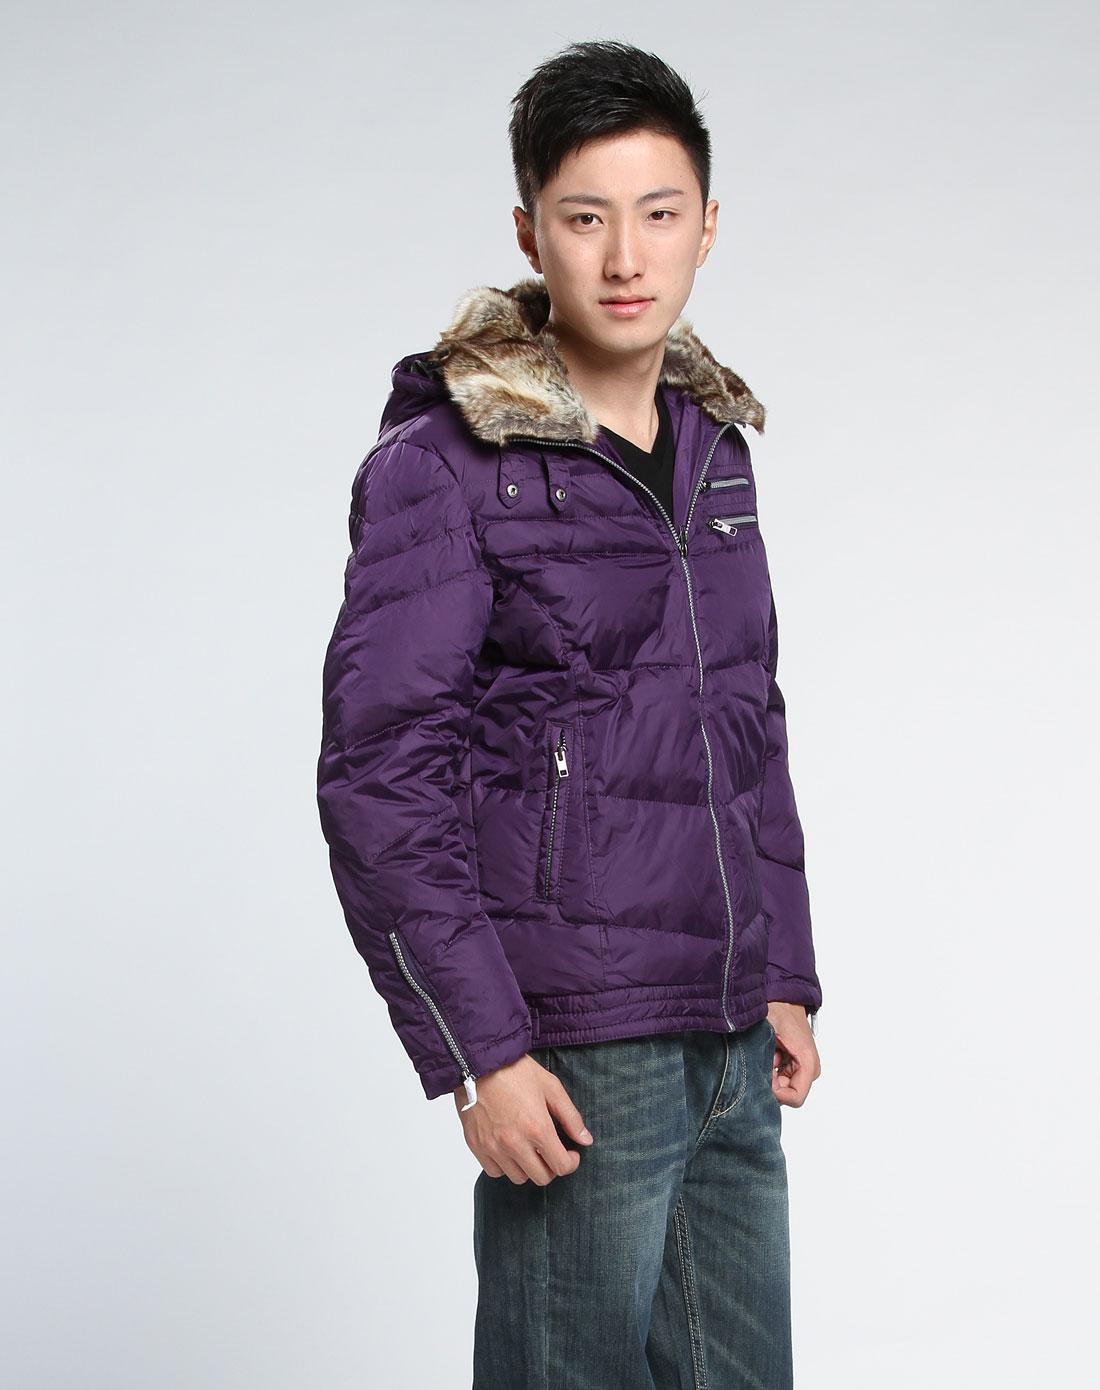 森马-男装男款紫色羽绒服图片